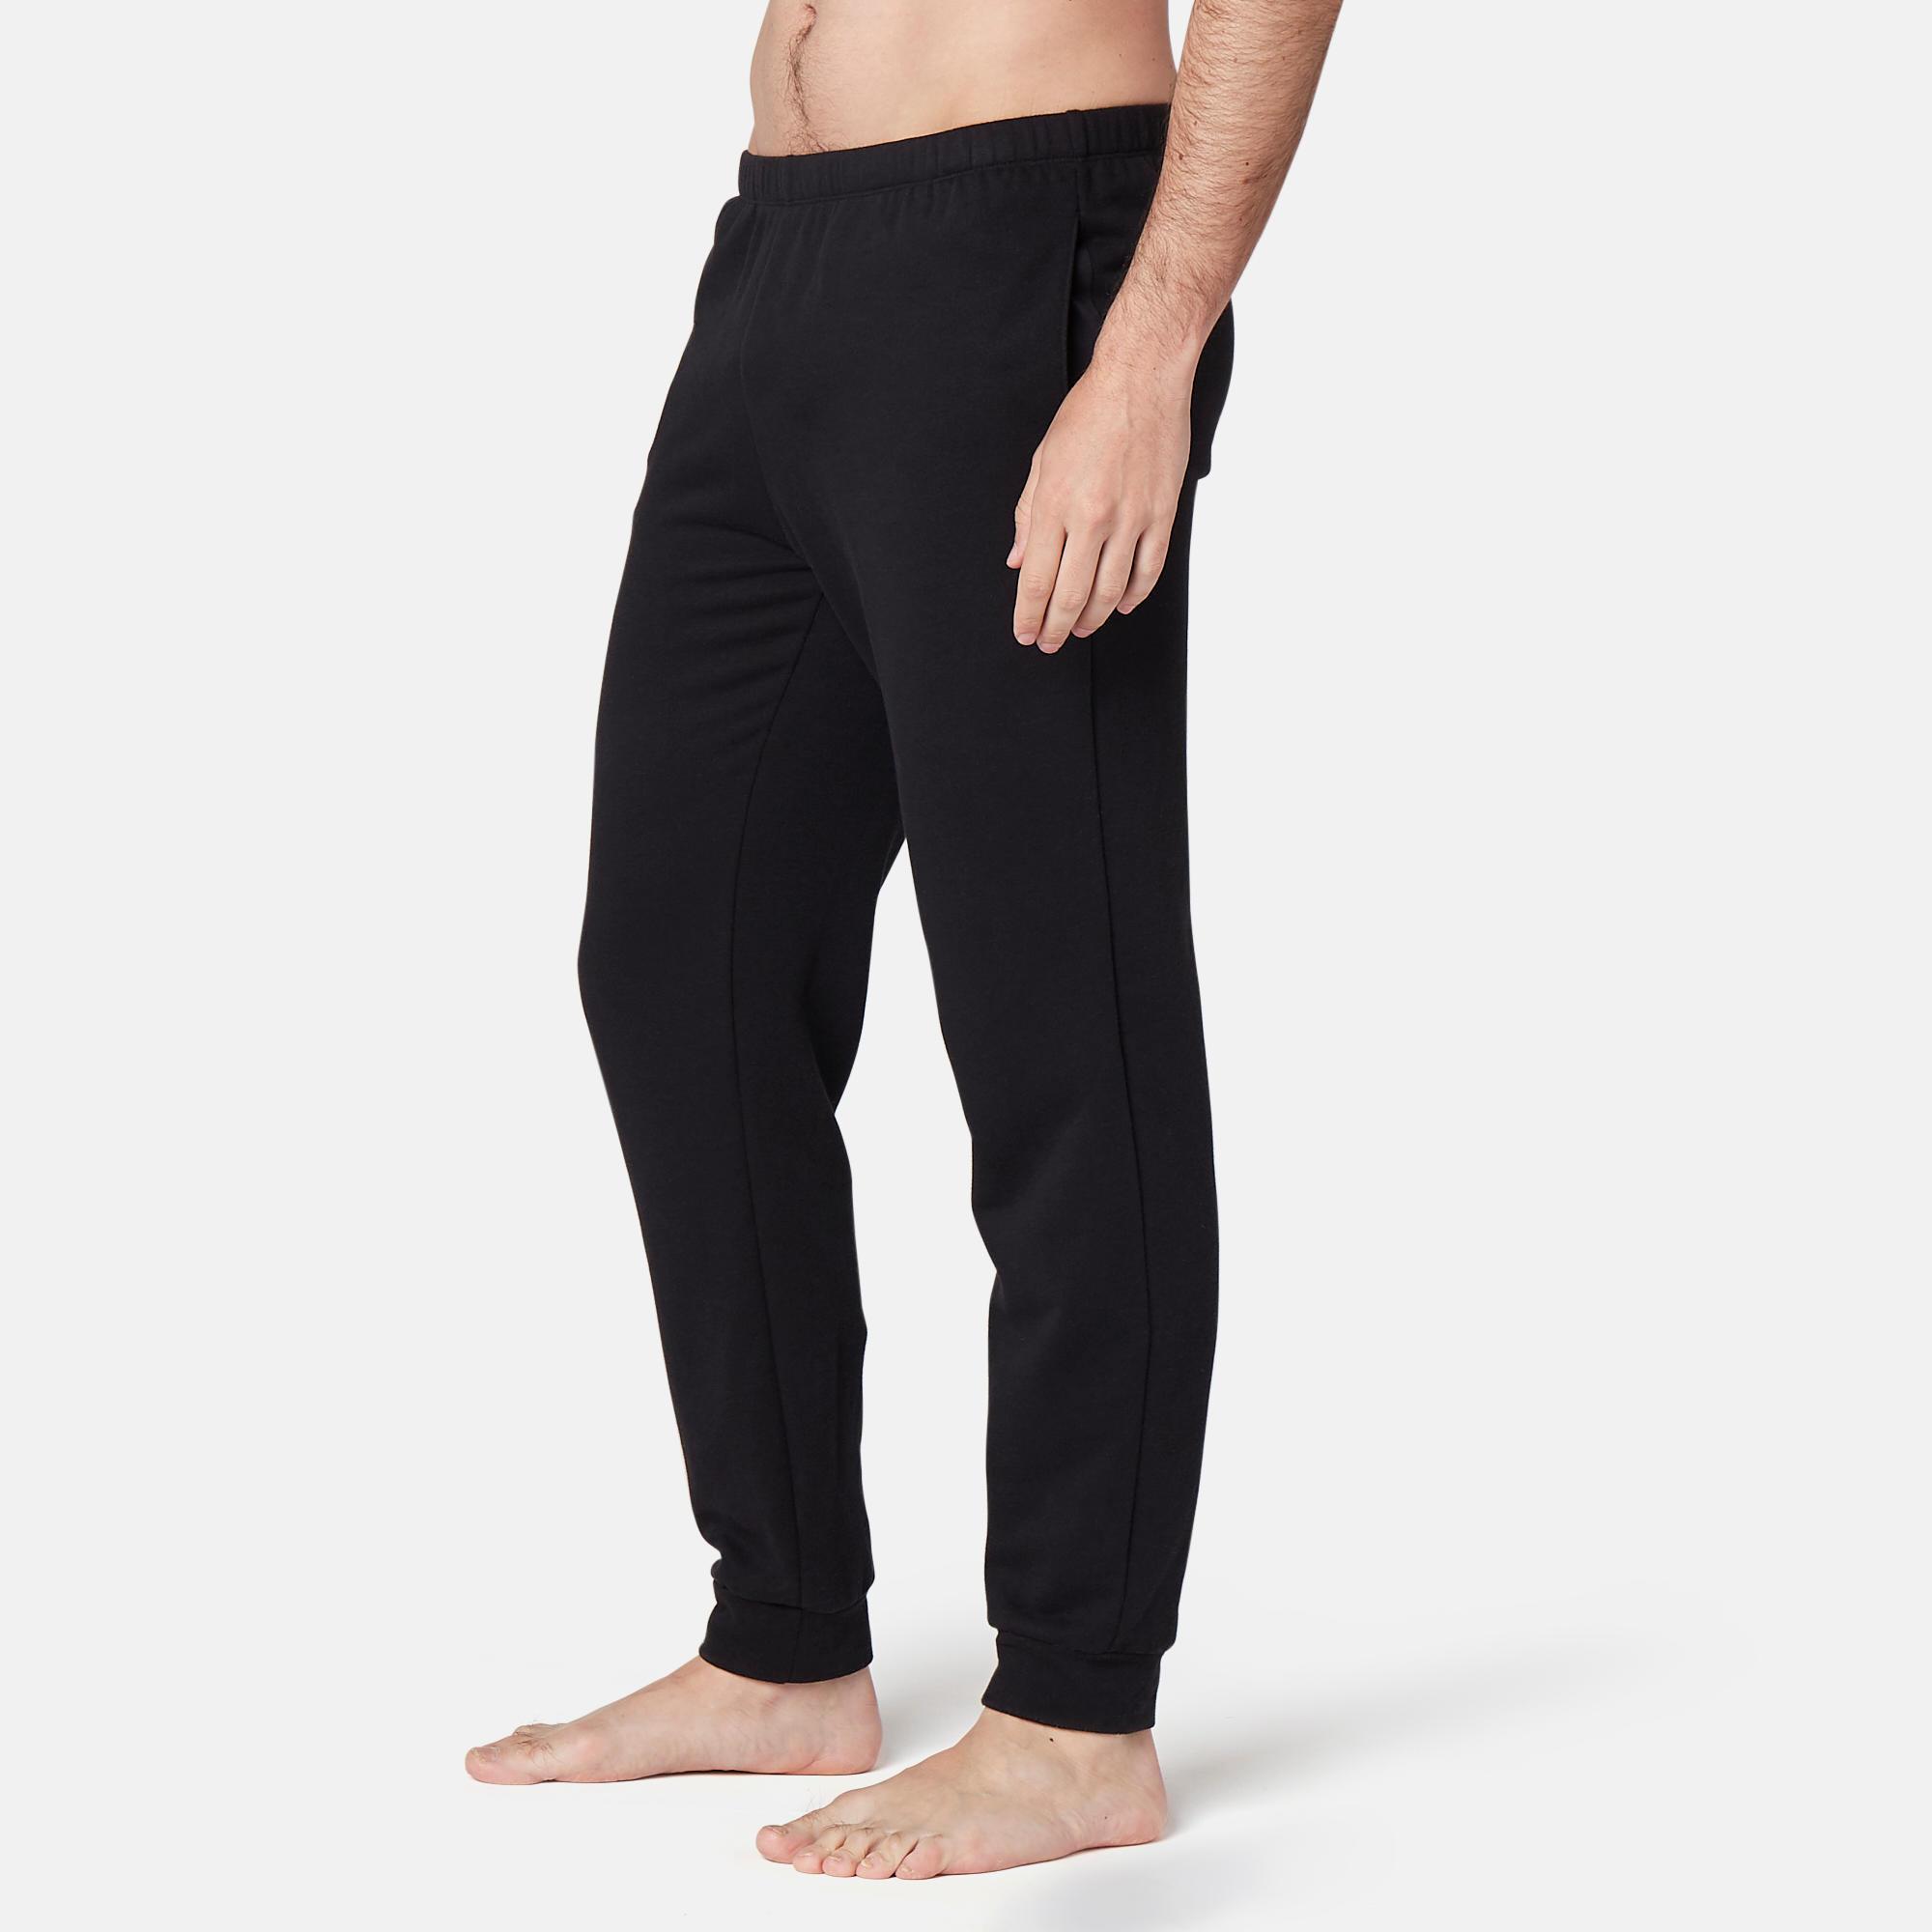 Pantalon 100 Negru bărbați